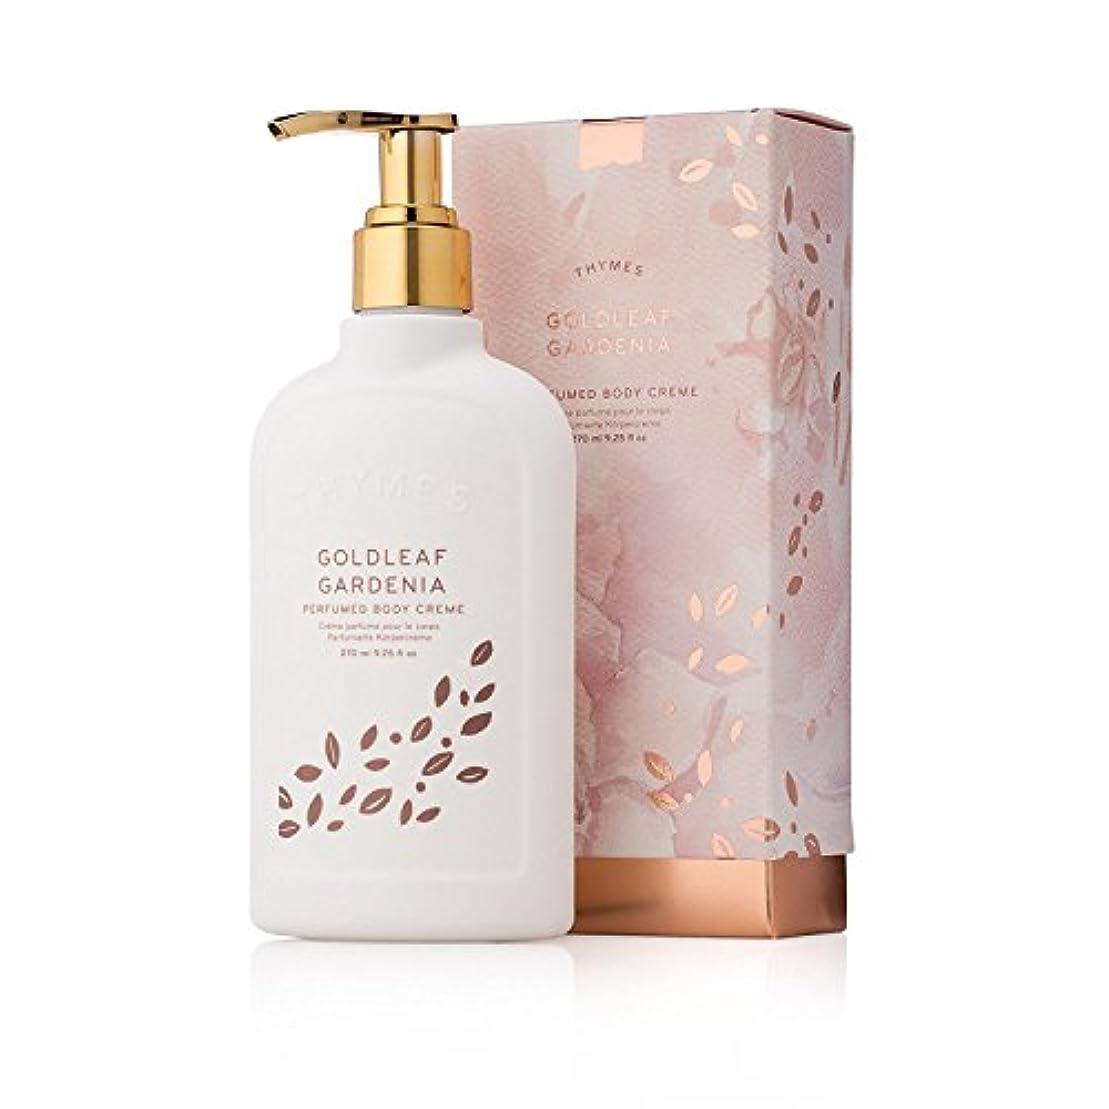 候補者見捨てられた伝導タイムズ Goldleaf Gardenia Perfumed Body Cream 270ml/9.25oz並行輸入品